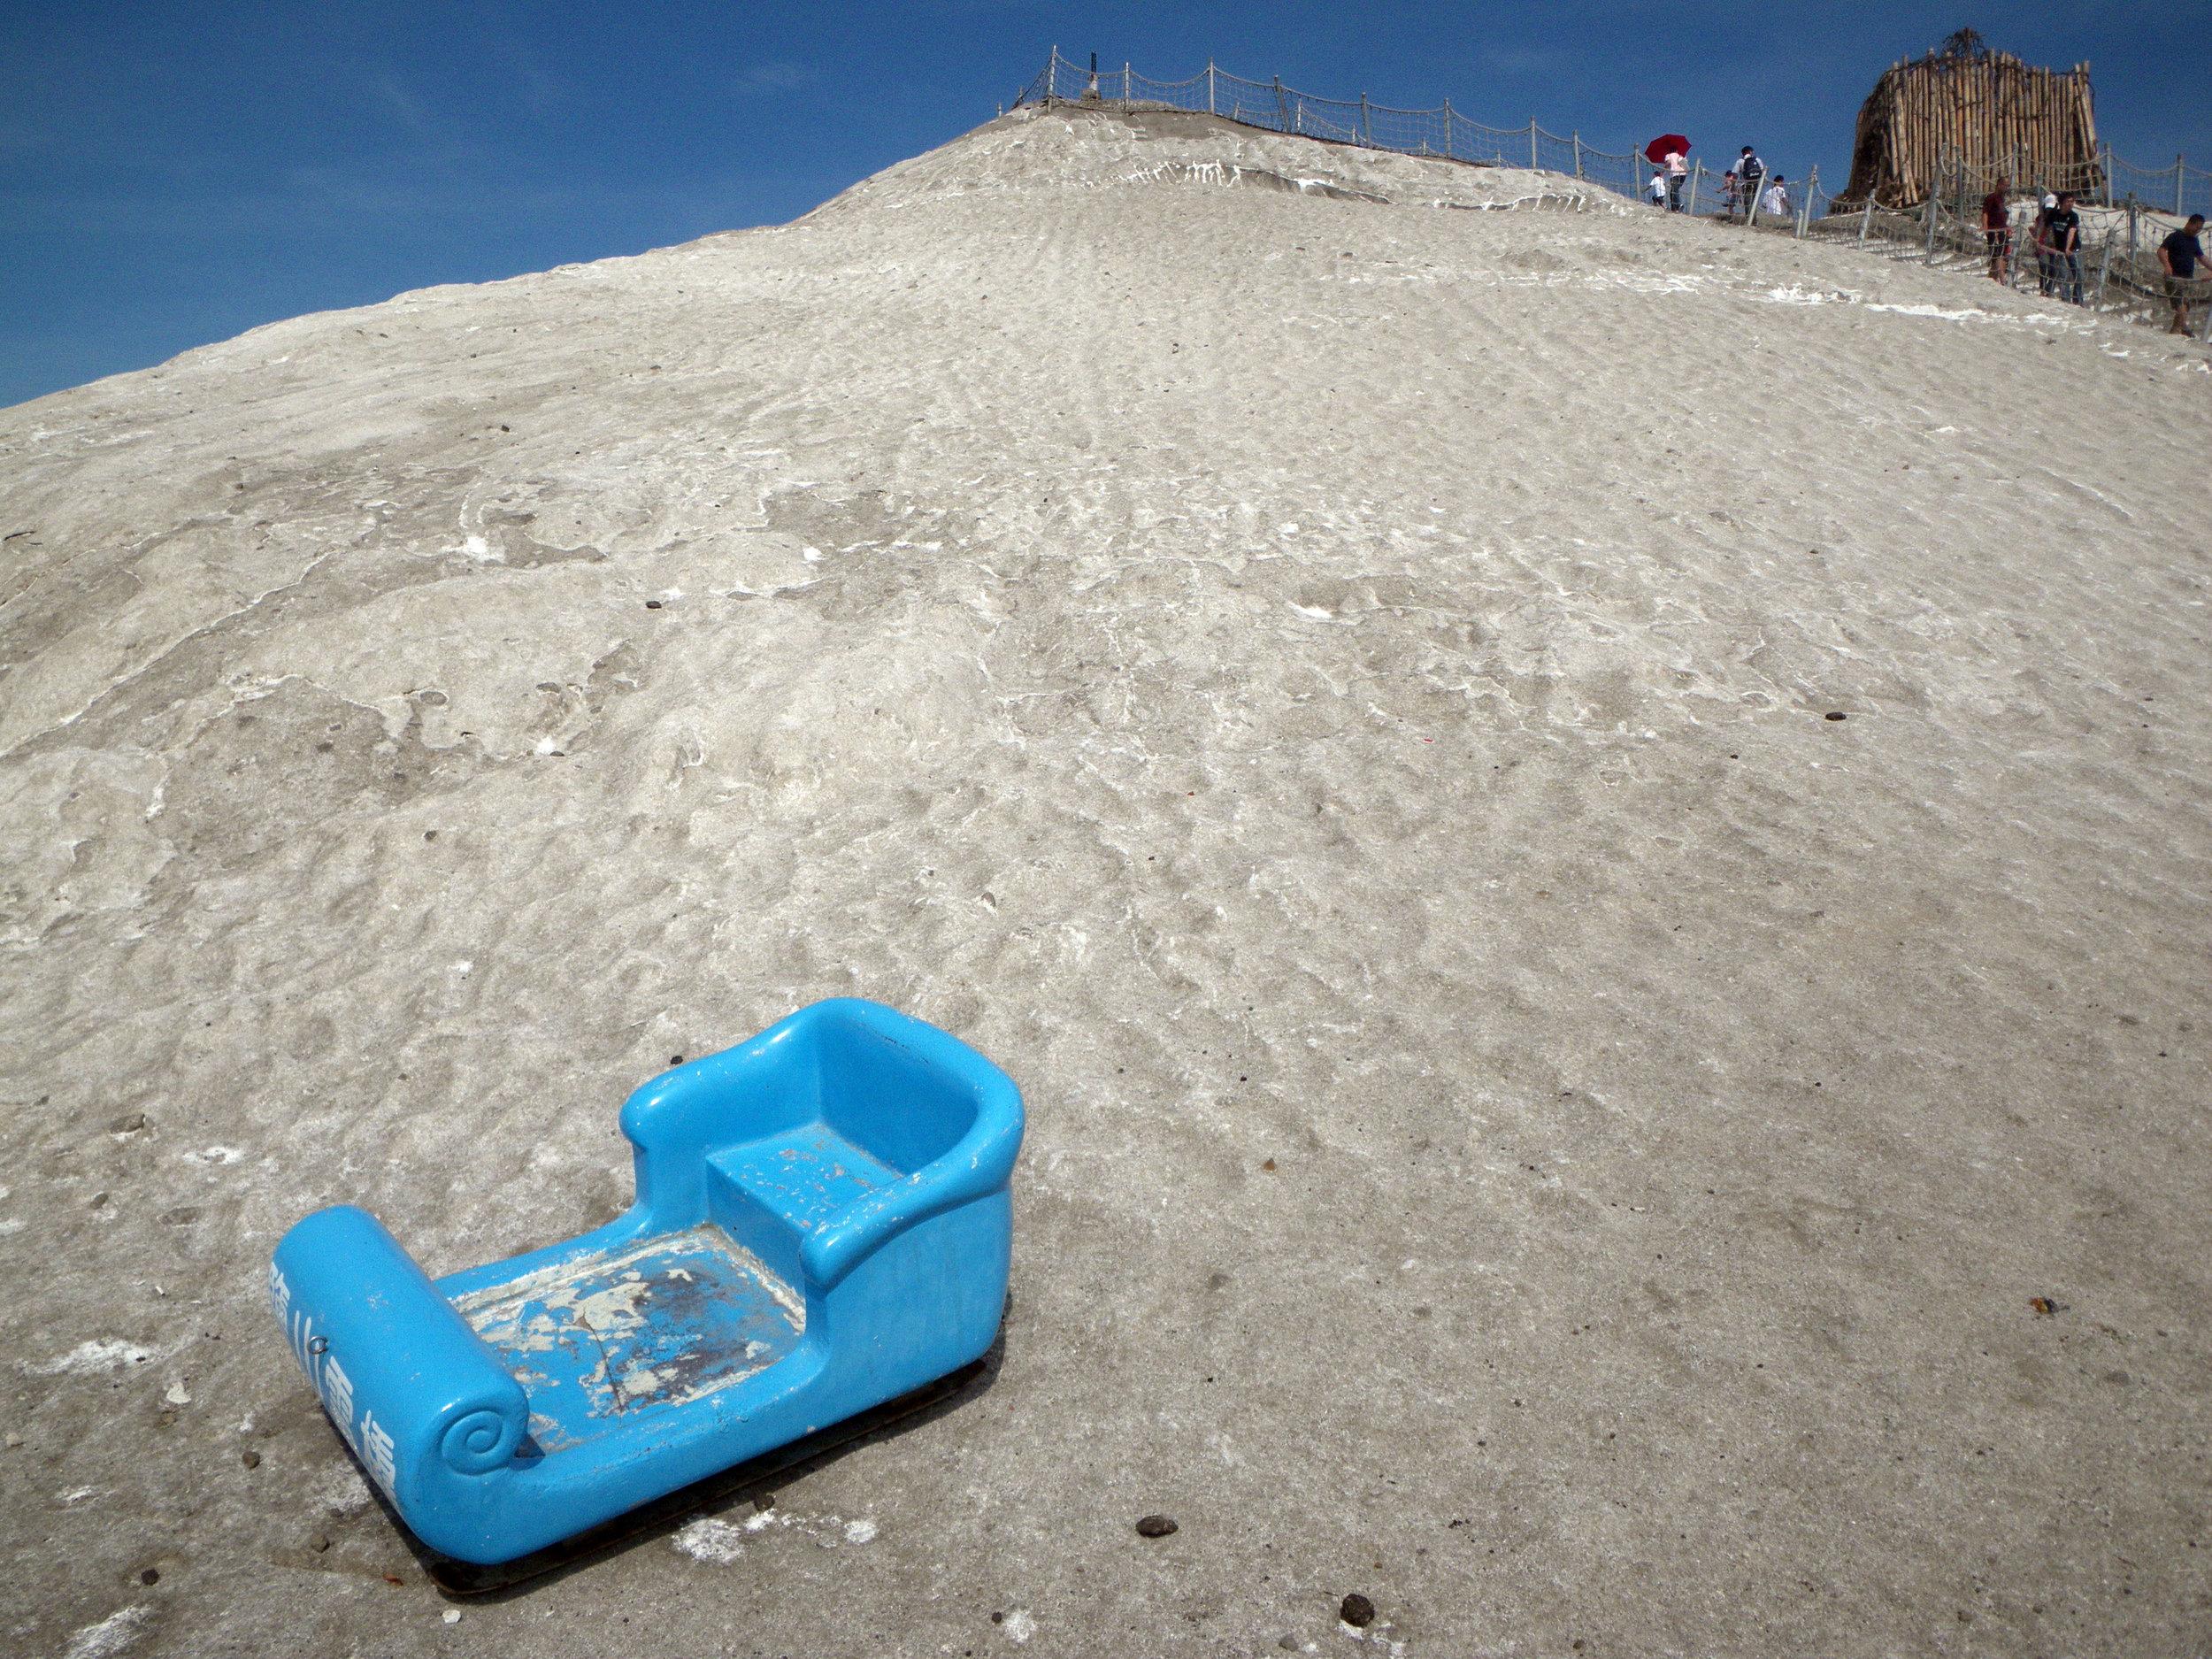 salt mountain sledding.jpg